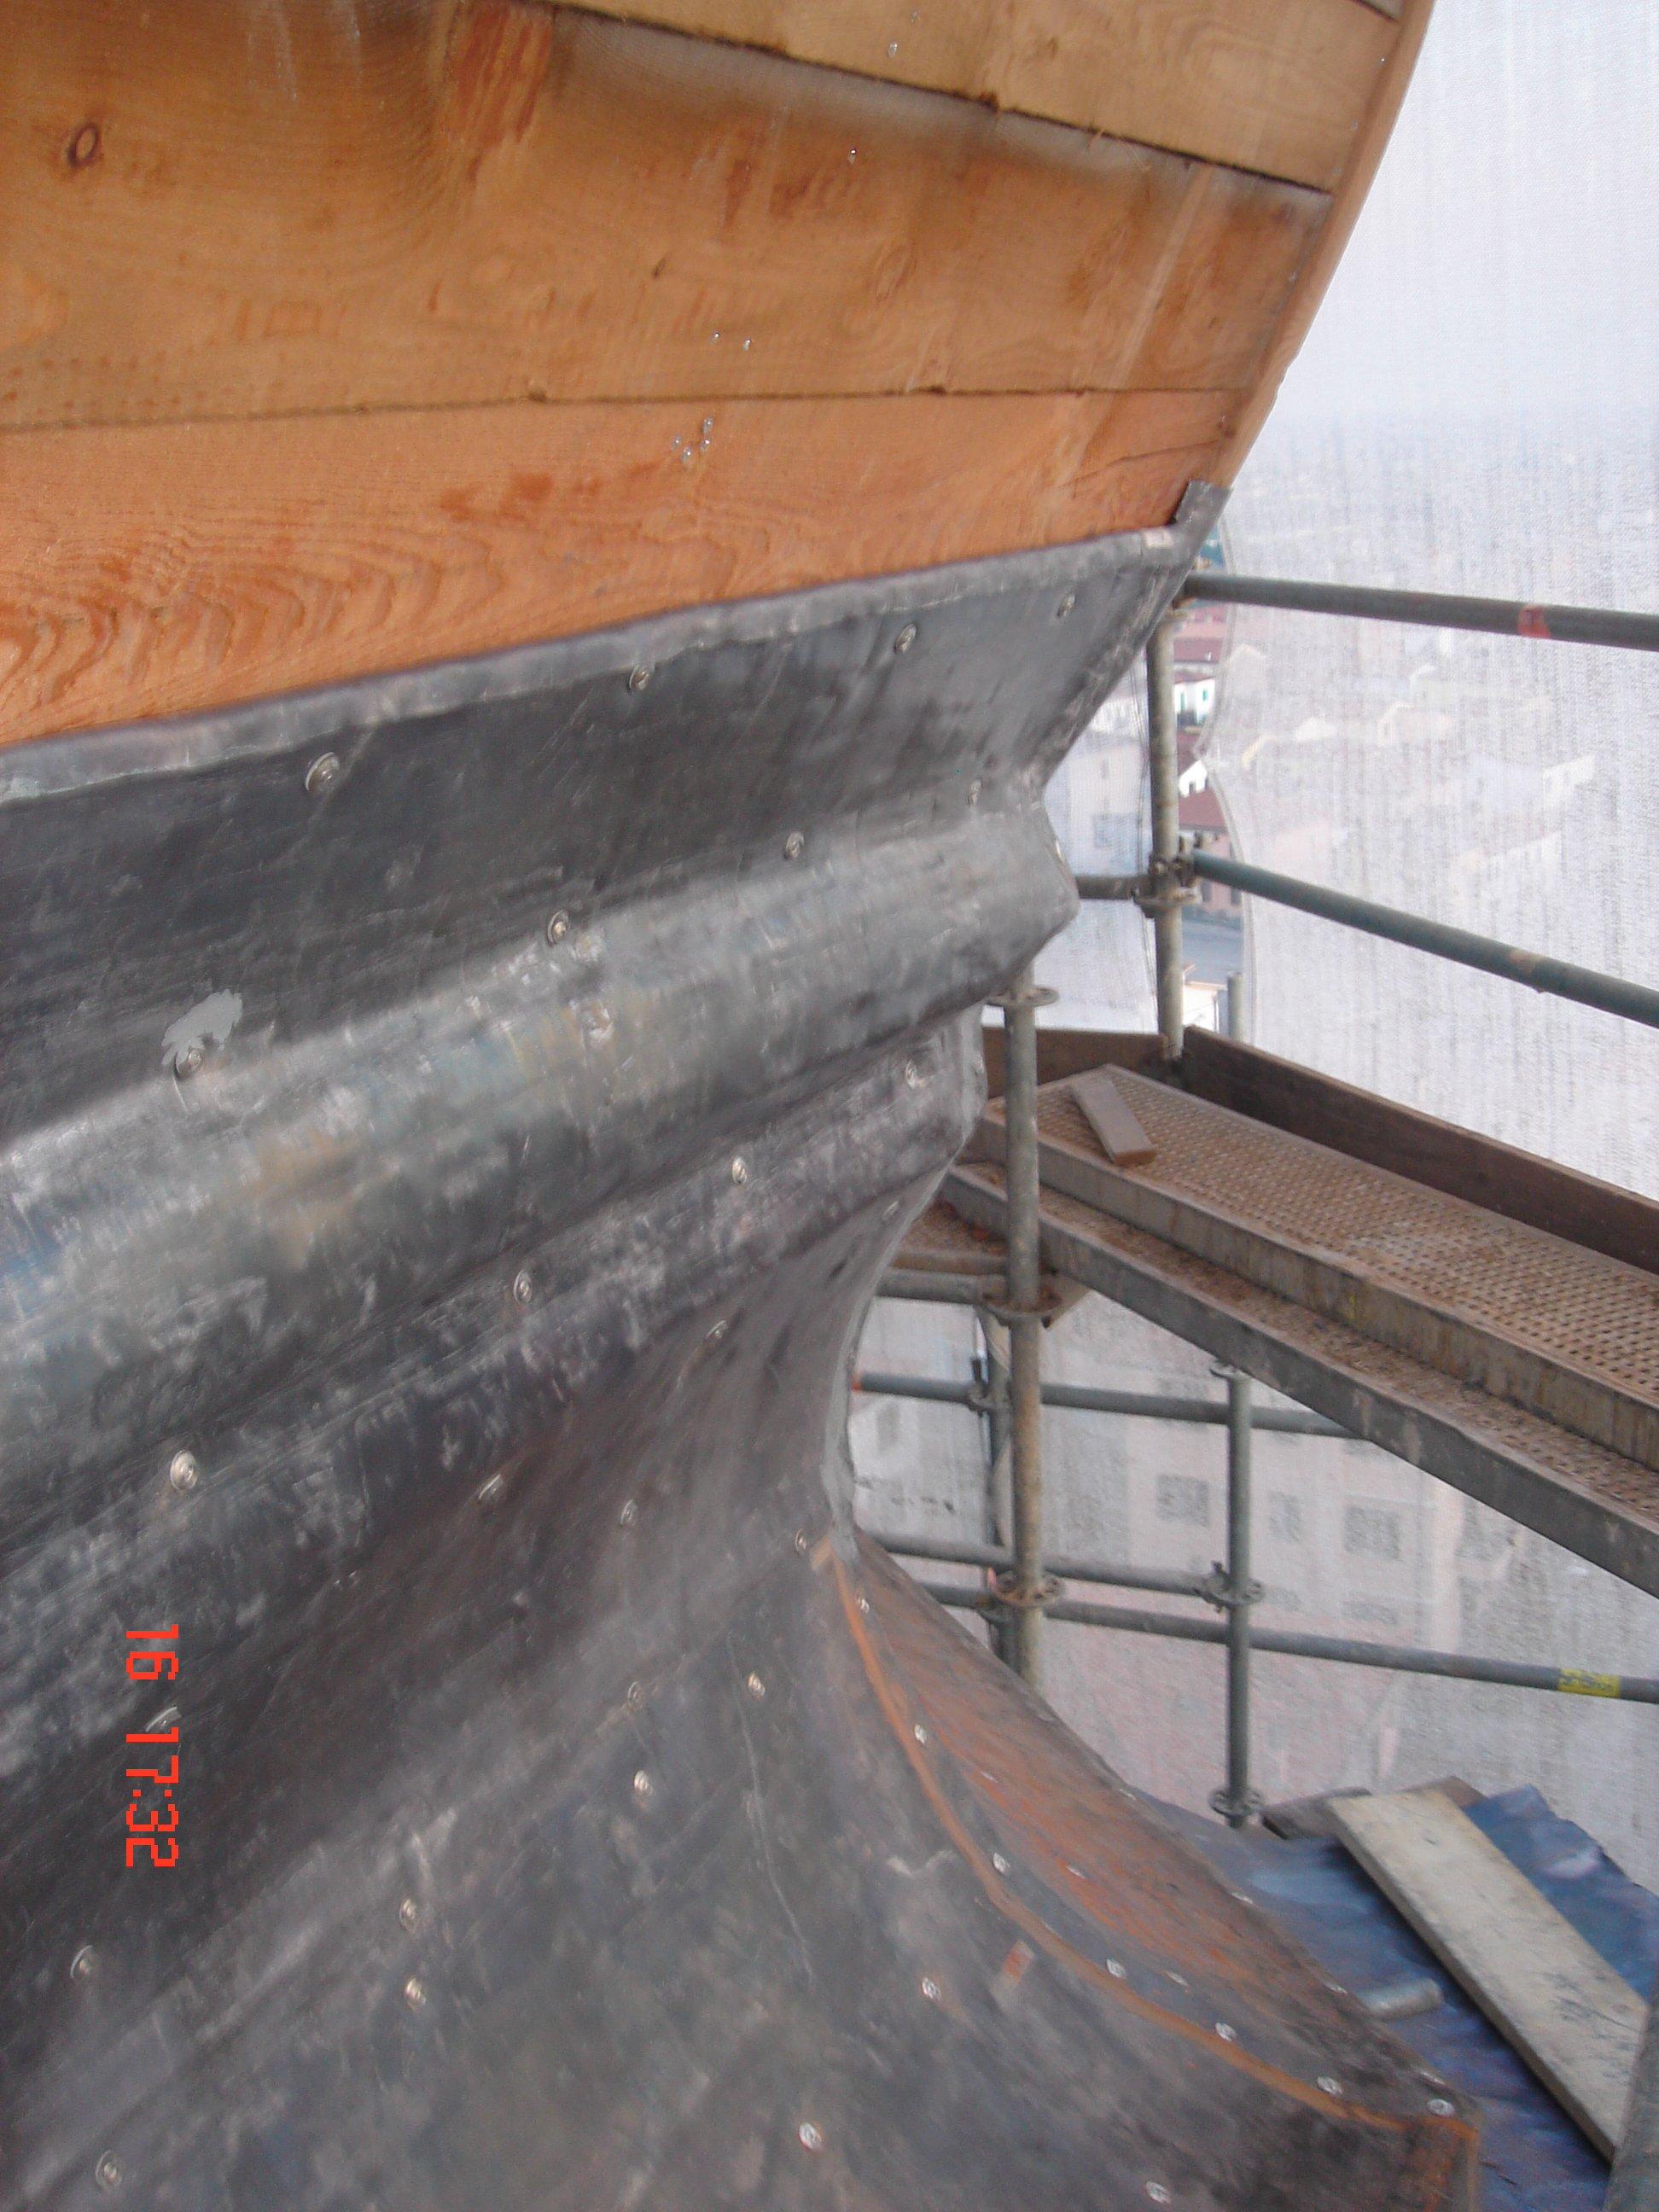 immagine angolare di un soppalco per manutenzione cuspide